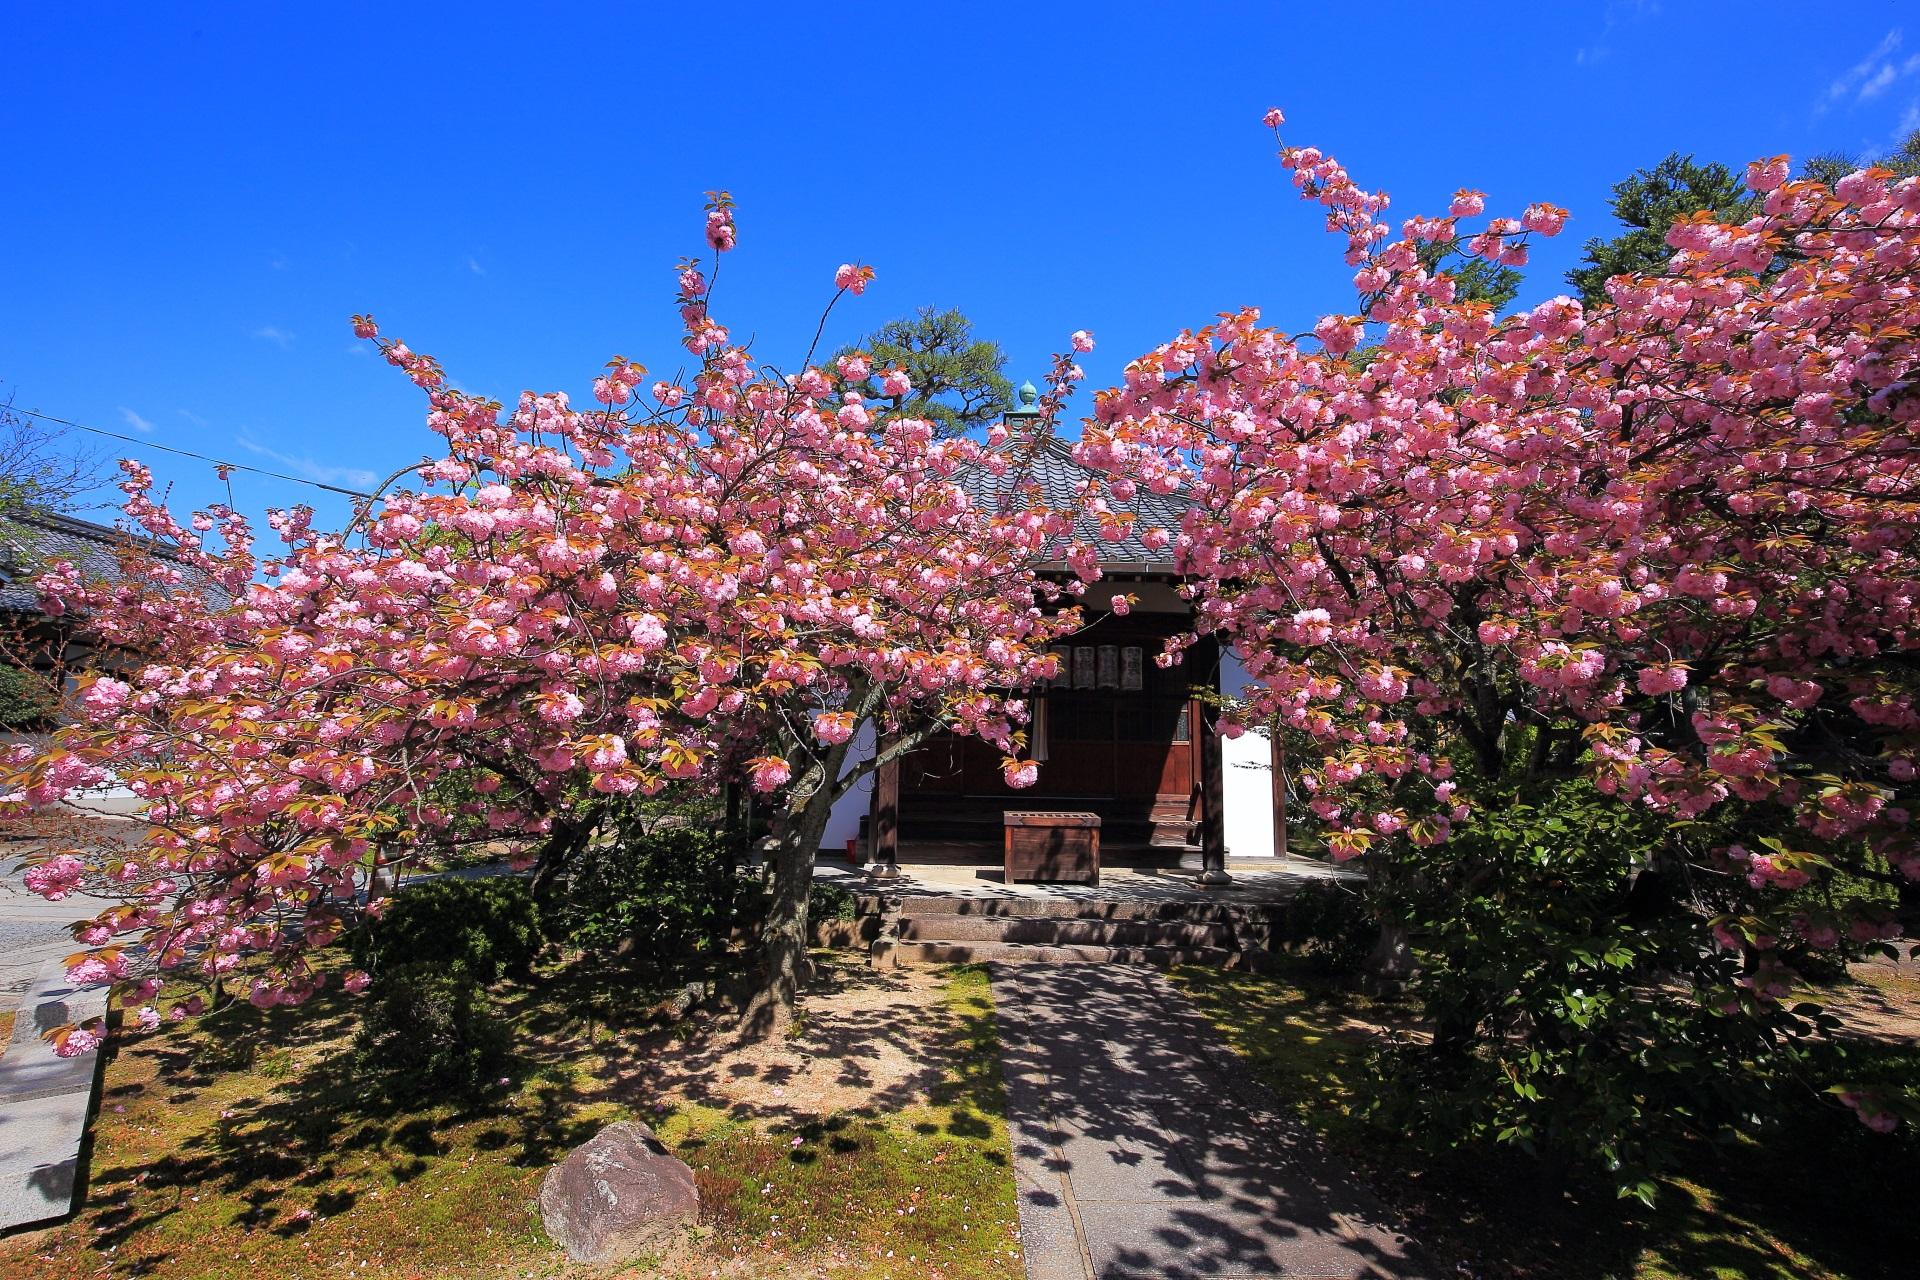 独り占めできる本満寺の八重桜